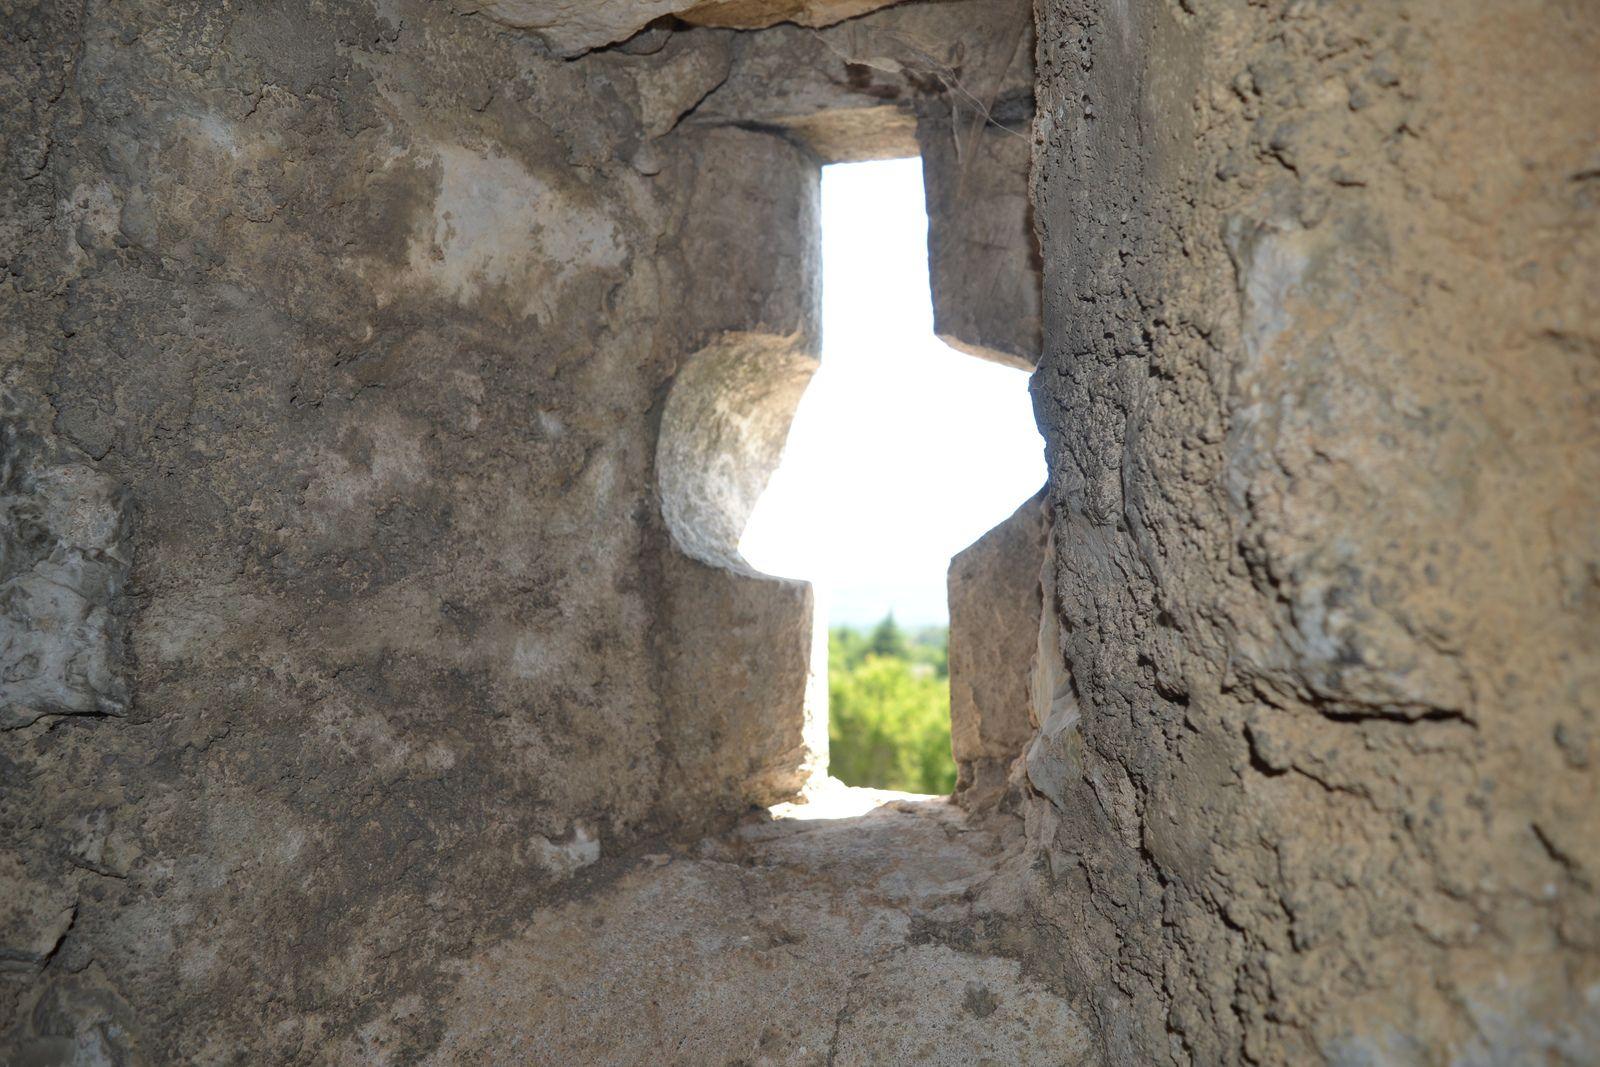 Chapias se trouve en Ardèche.C'est un hameau du village de Labeaume qui se détache dans la garrigue sud-ardéchoise par une tour surmontée d'une statue de la Vierge.